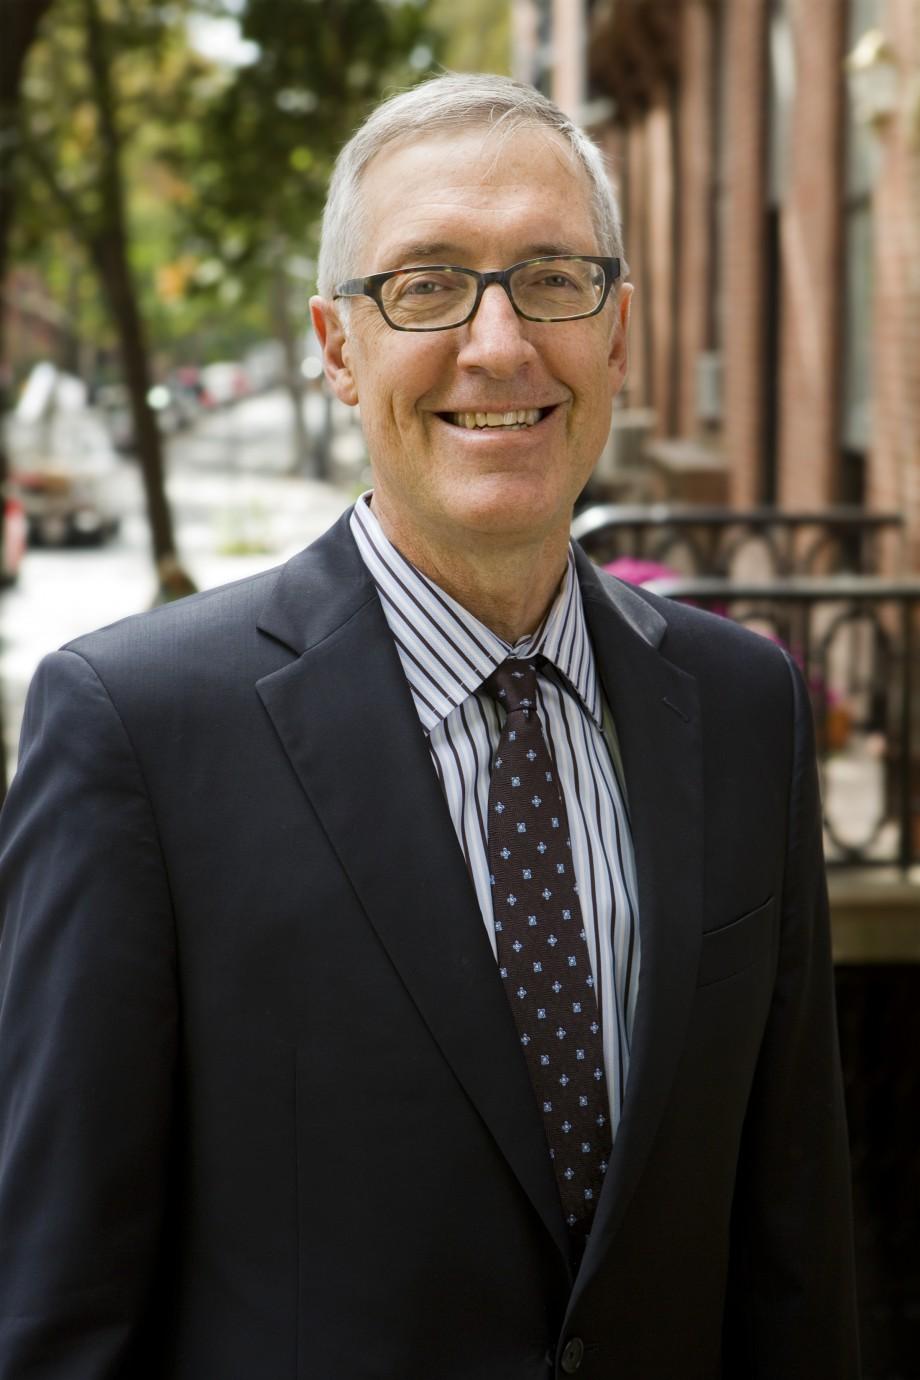 Dexter Guerrieri-NYC Townhouse Expert